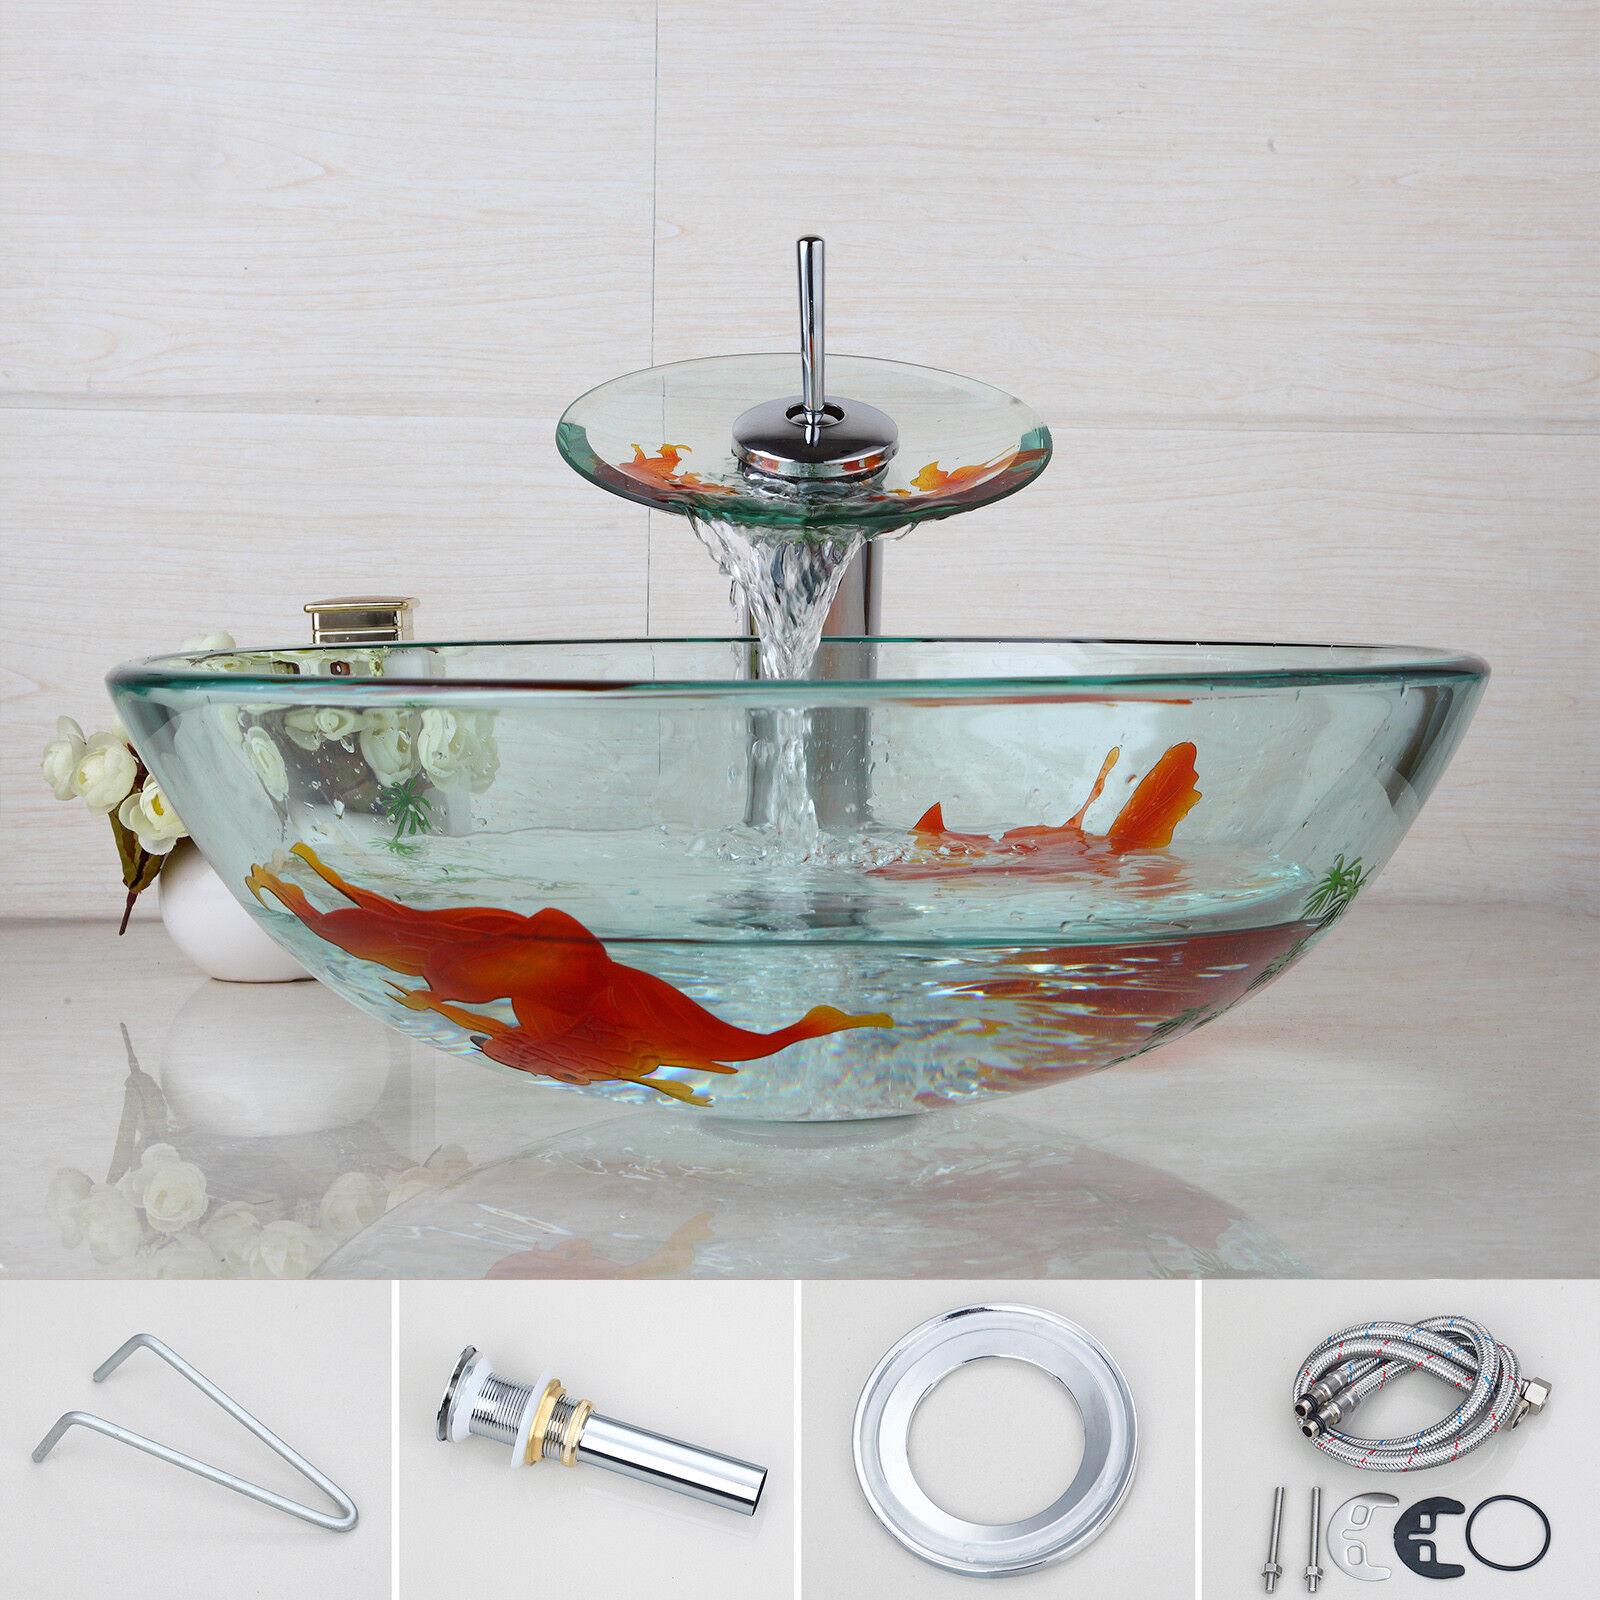 Moderne Chrome salle de bains Peinture poissons Art Glass Bowl Vase avec évier mélangeur robinets